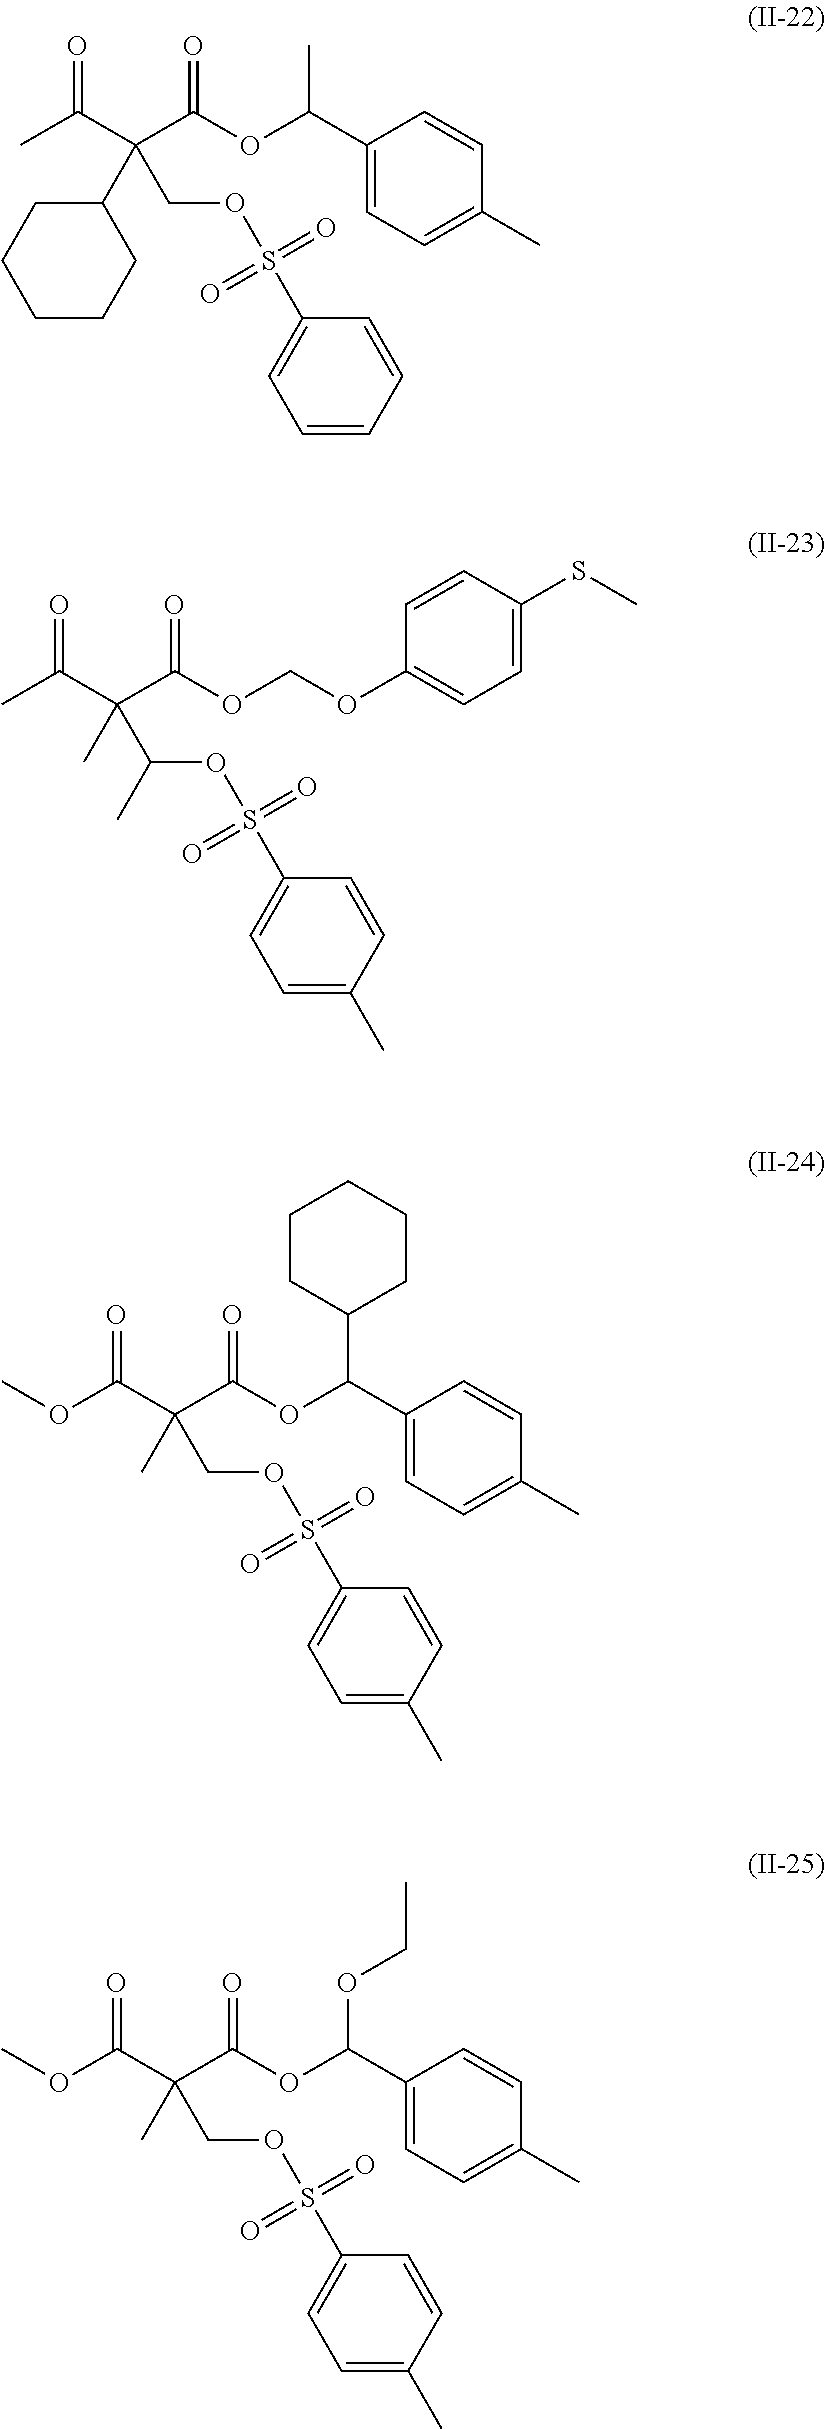 Figure US20110183258A1-20110728-C00097